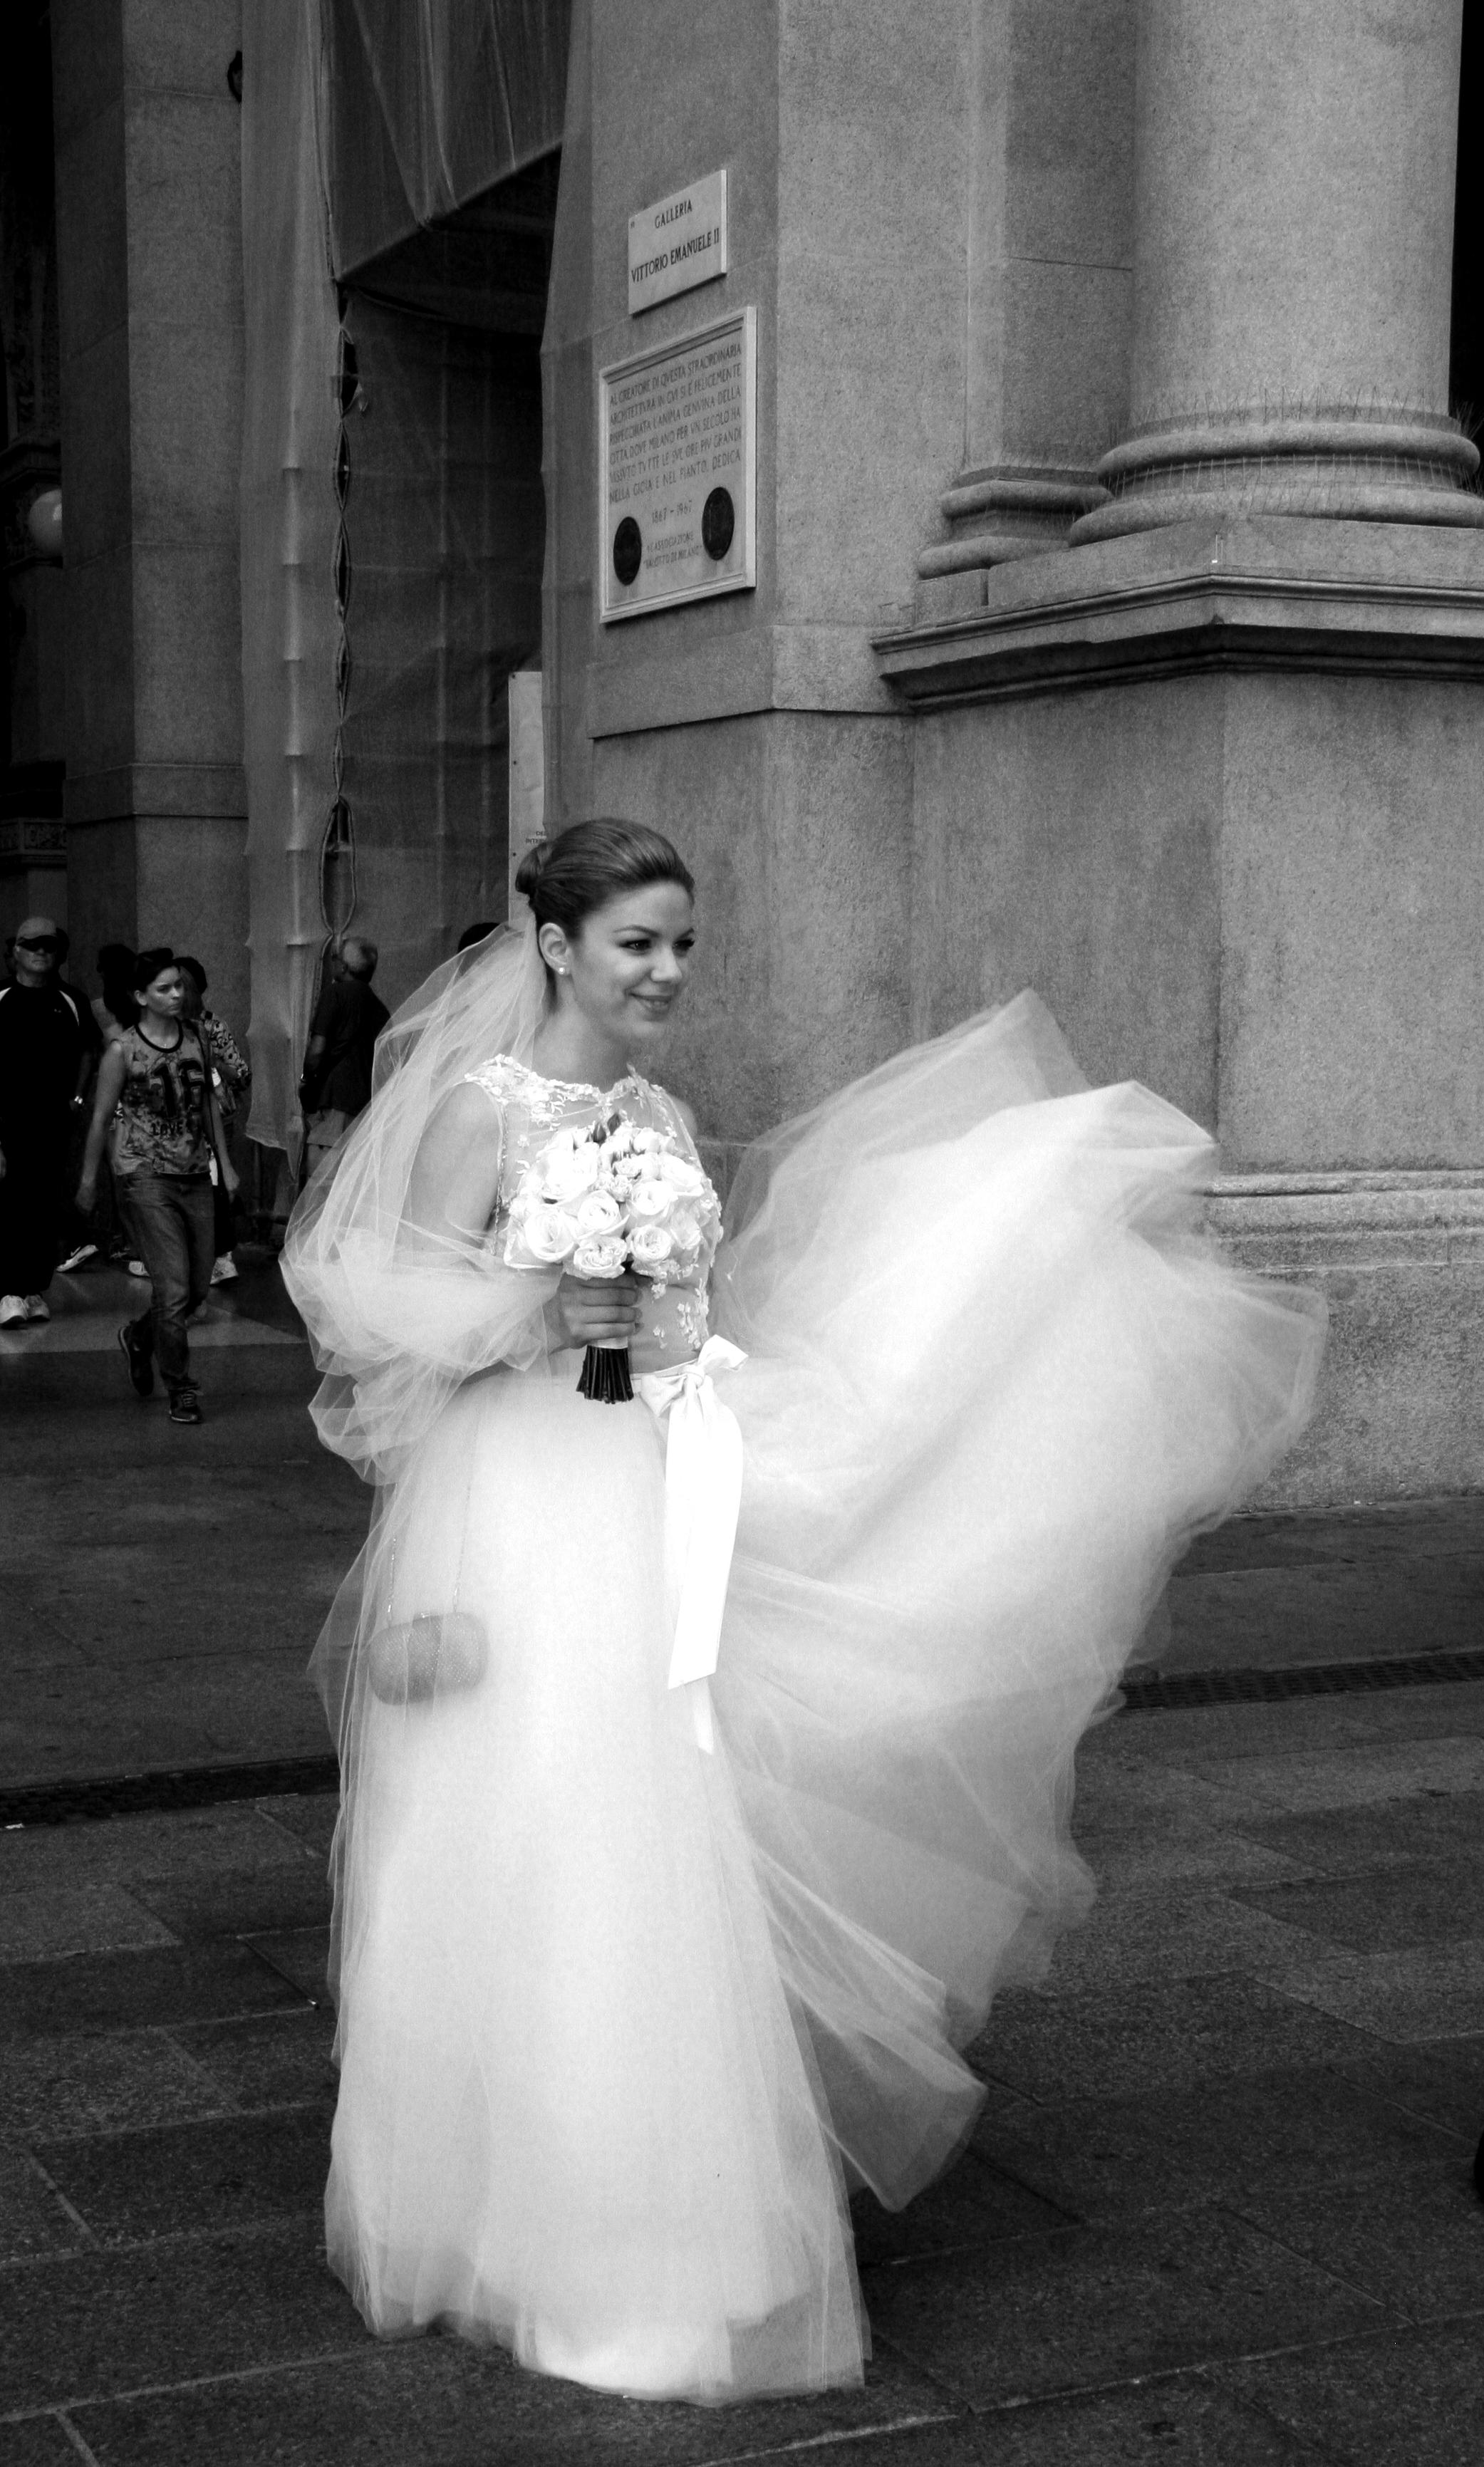 matrimonio 30-07-2015 120 - Copia.JPG